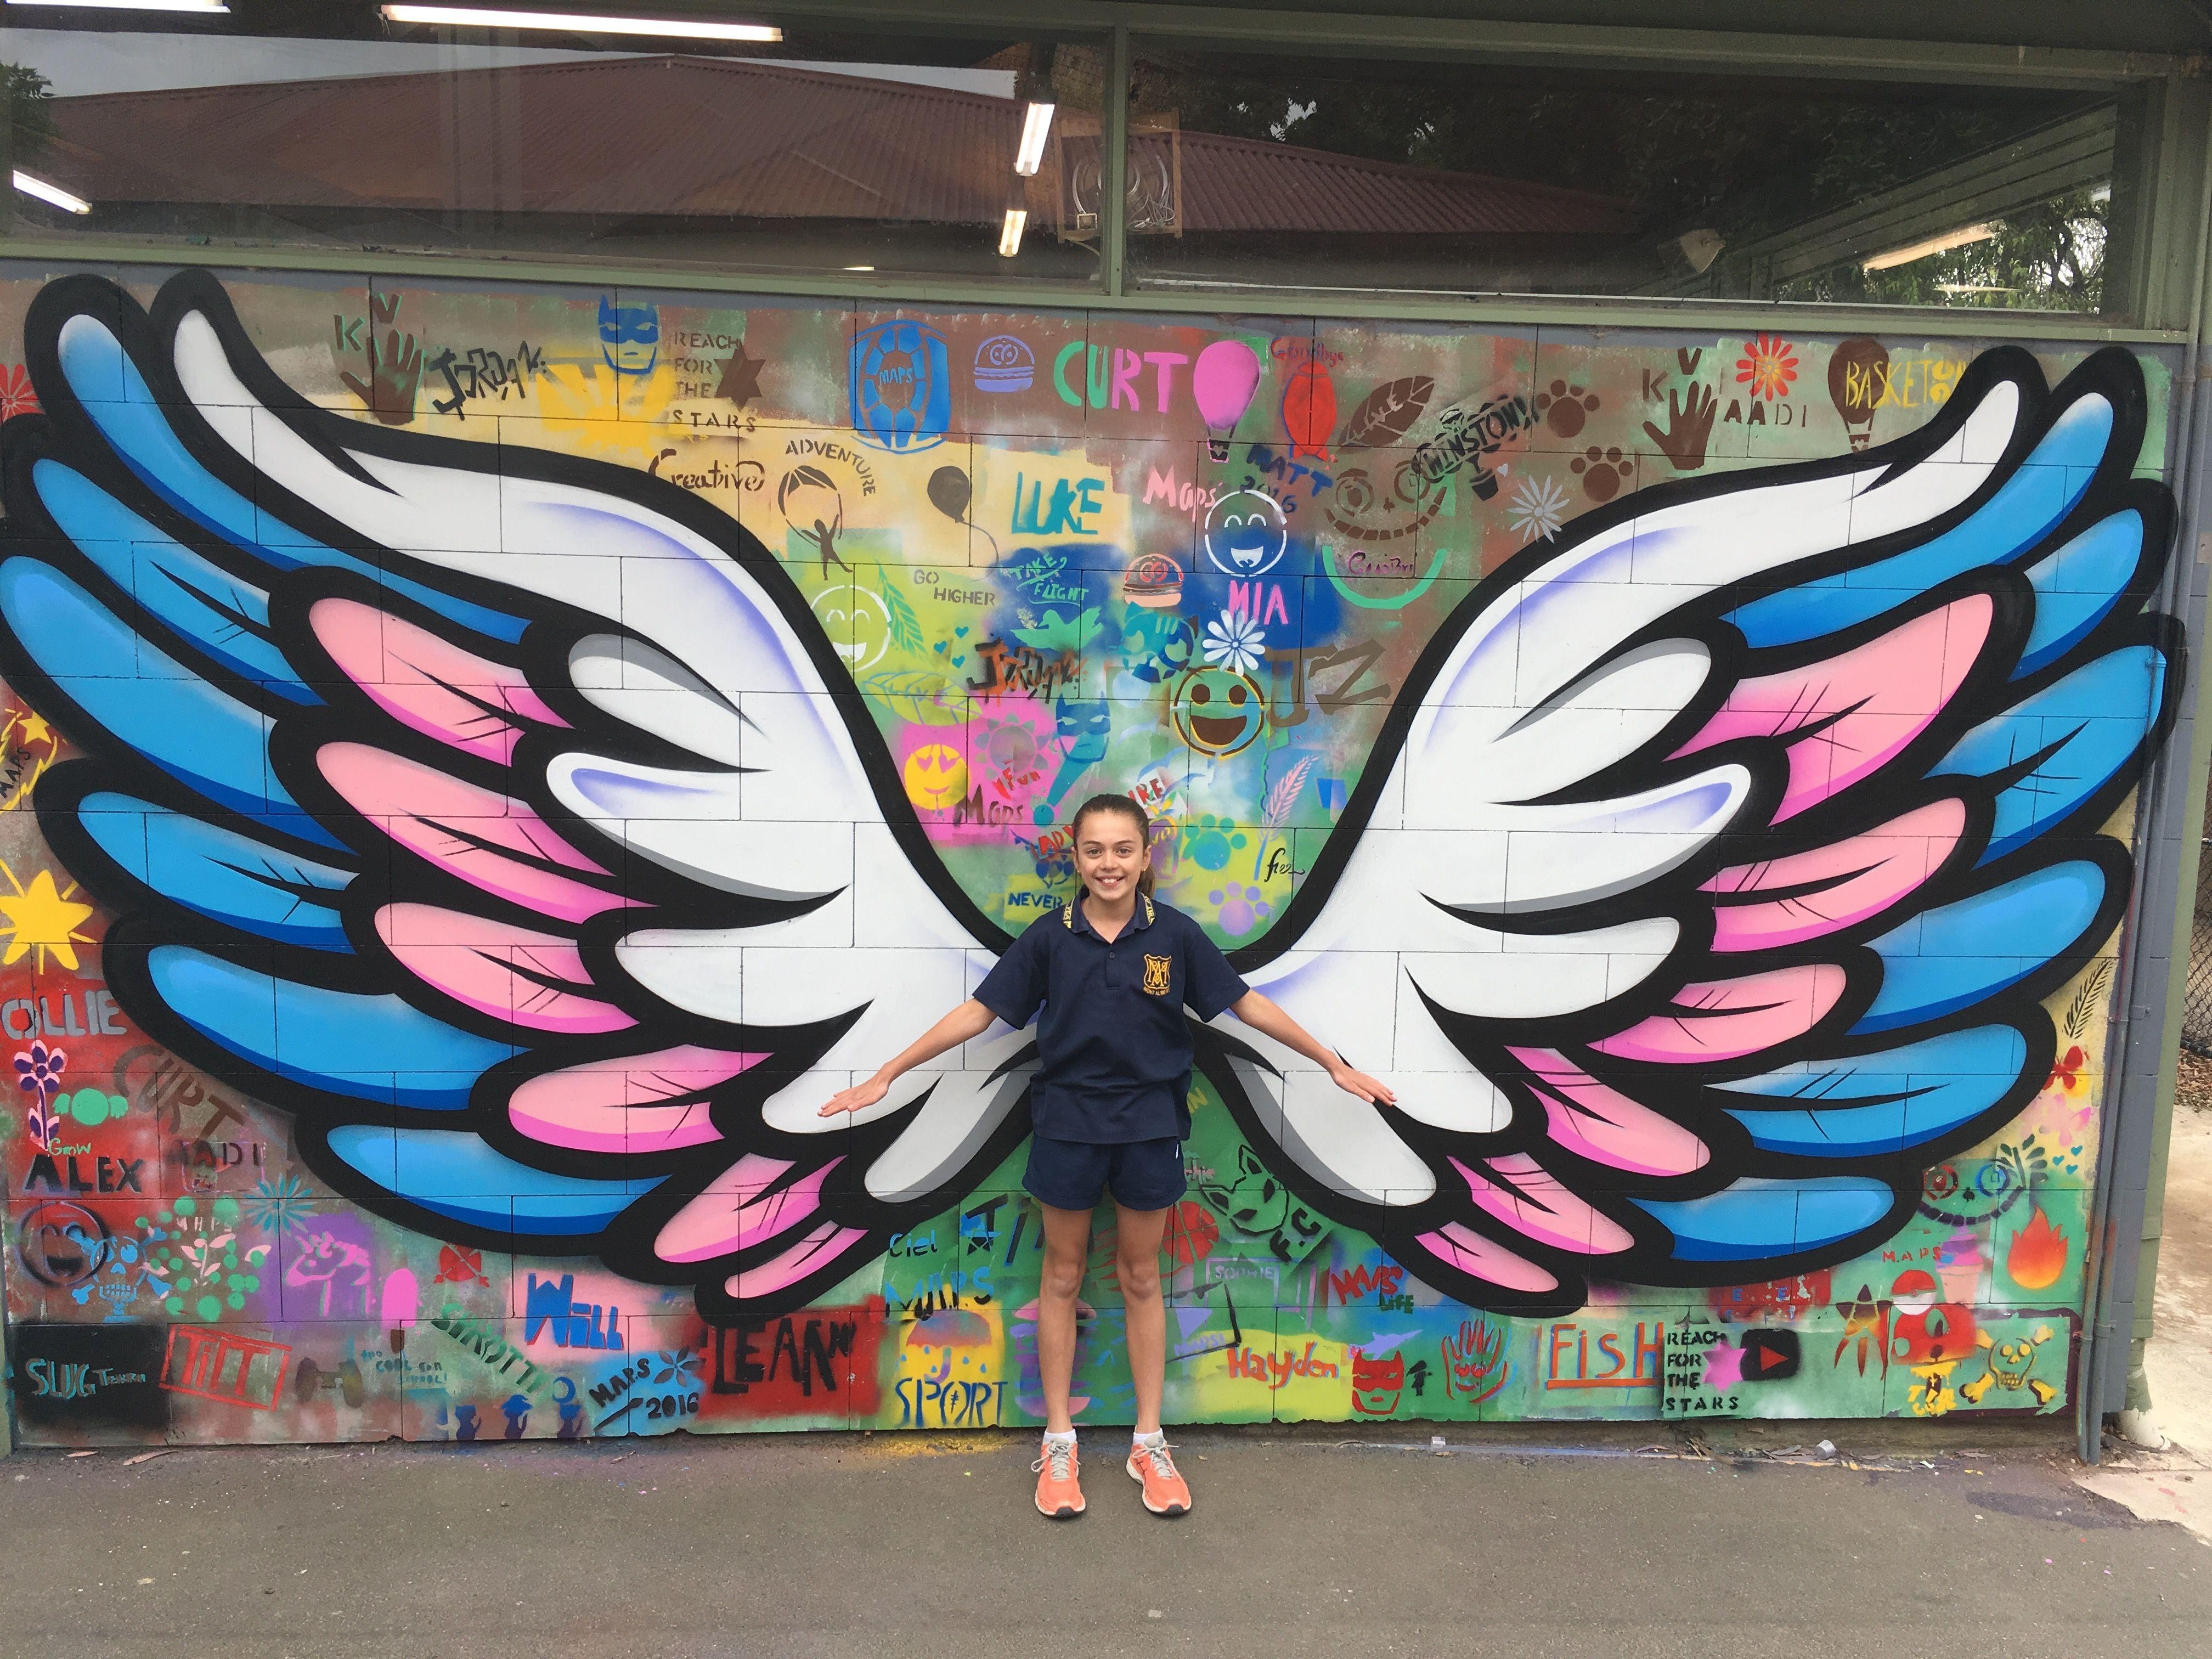 Mont Albert Primary School Mural Blender Creatives Creative Art School Wall Art Murals Street Art Wall Street Art